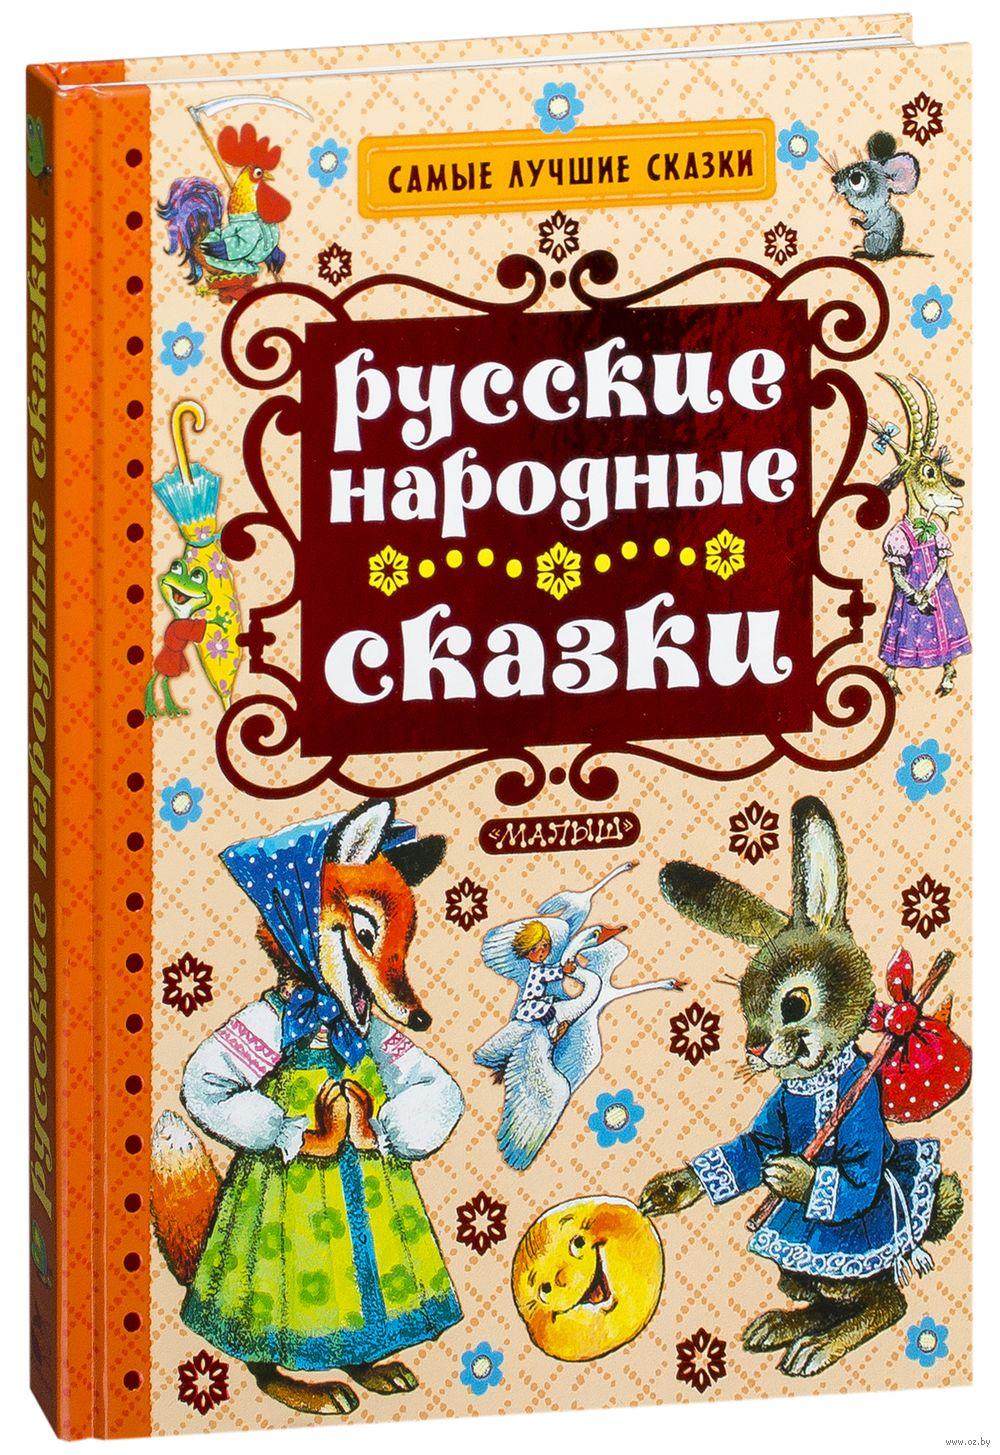 Сказки русские народные 24 фотография